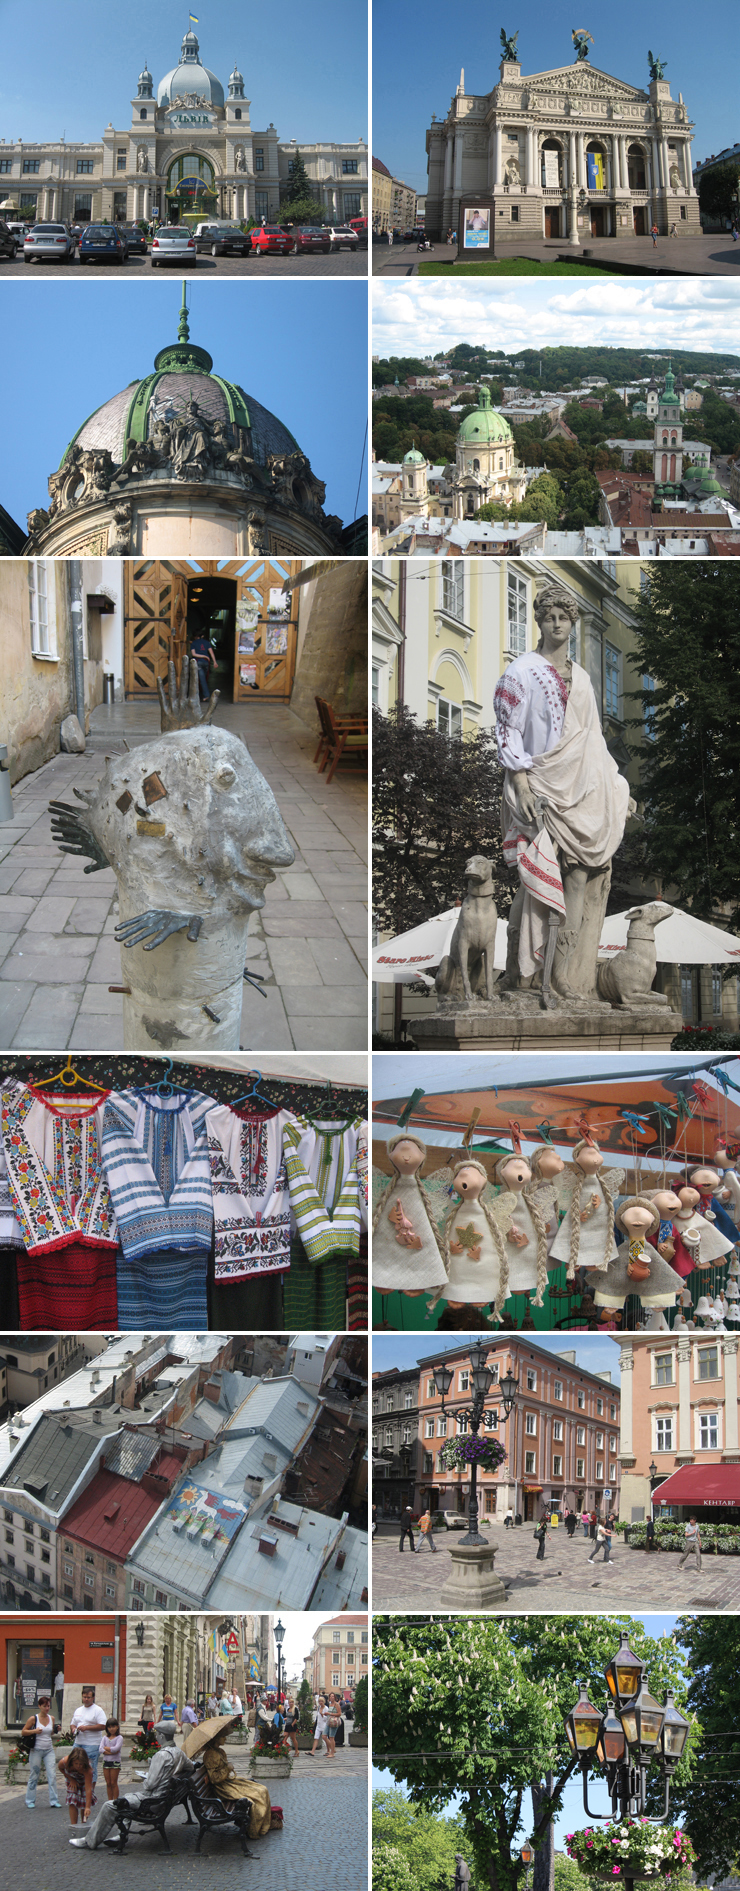 тур во Львов купить, экскурсионный тур во Львов купить, что посмотреть во Львове